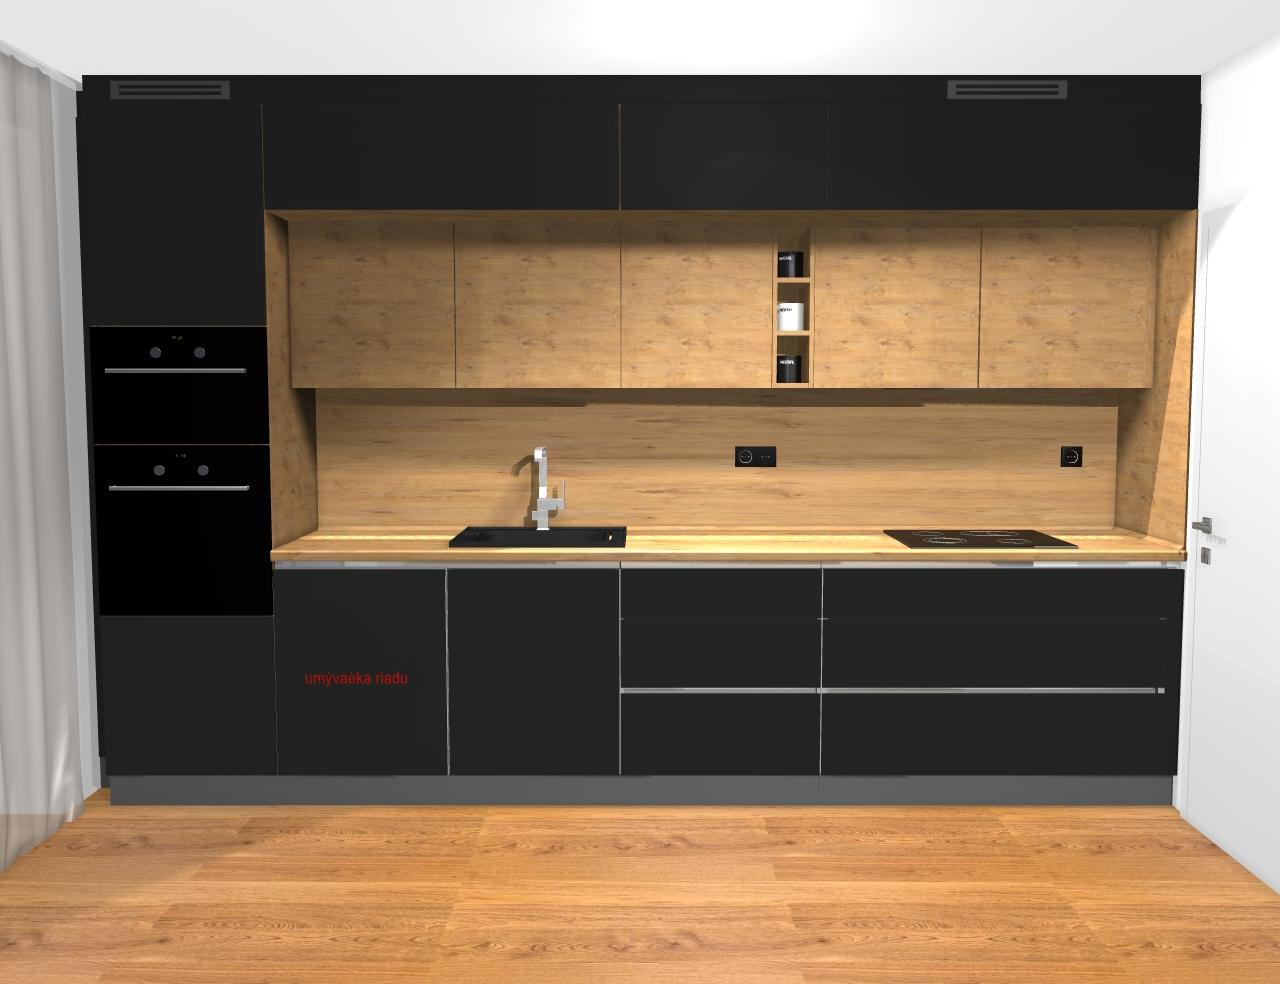 Grafické návrhy kuchynských liniek 2019 - Grafický návrh kuchyne a Tv steny do paneláku v BB - obr.7